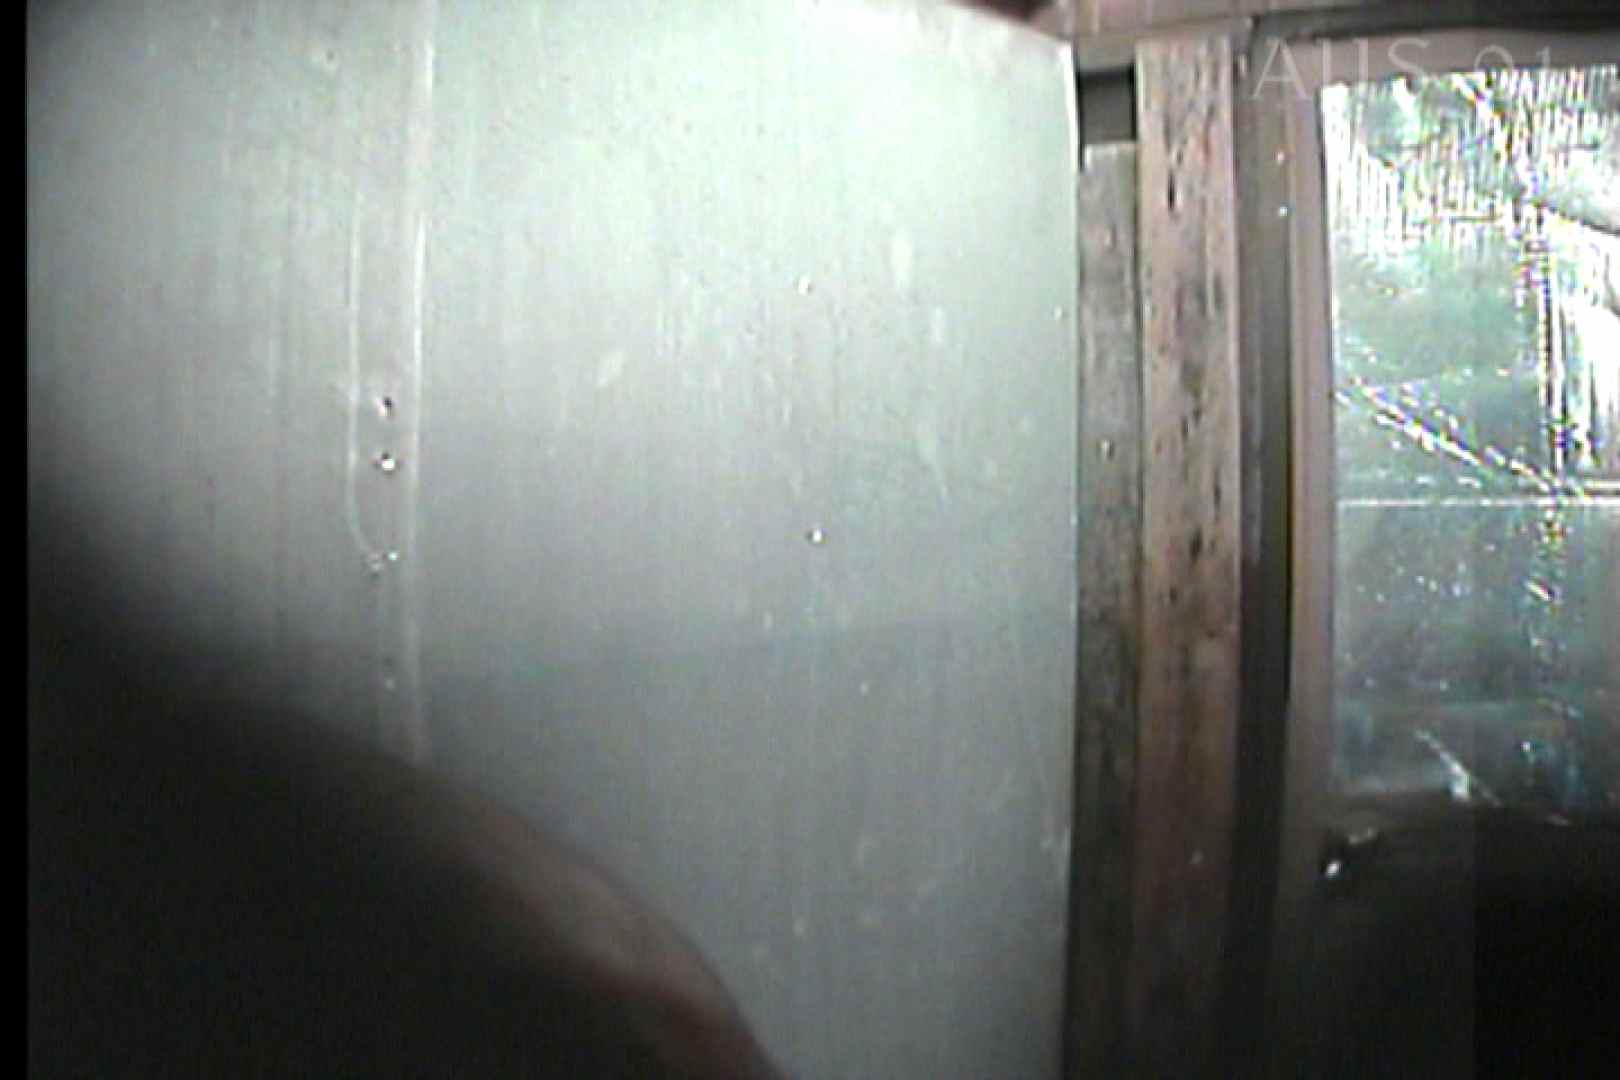 海の家の更衣室 Vol.05 美肌 ワレメ動画紹介 82画像 43